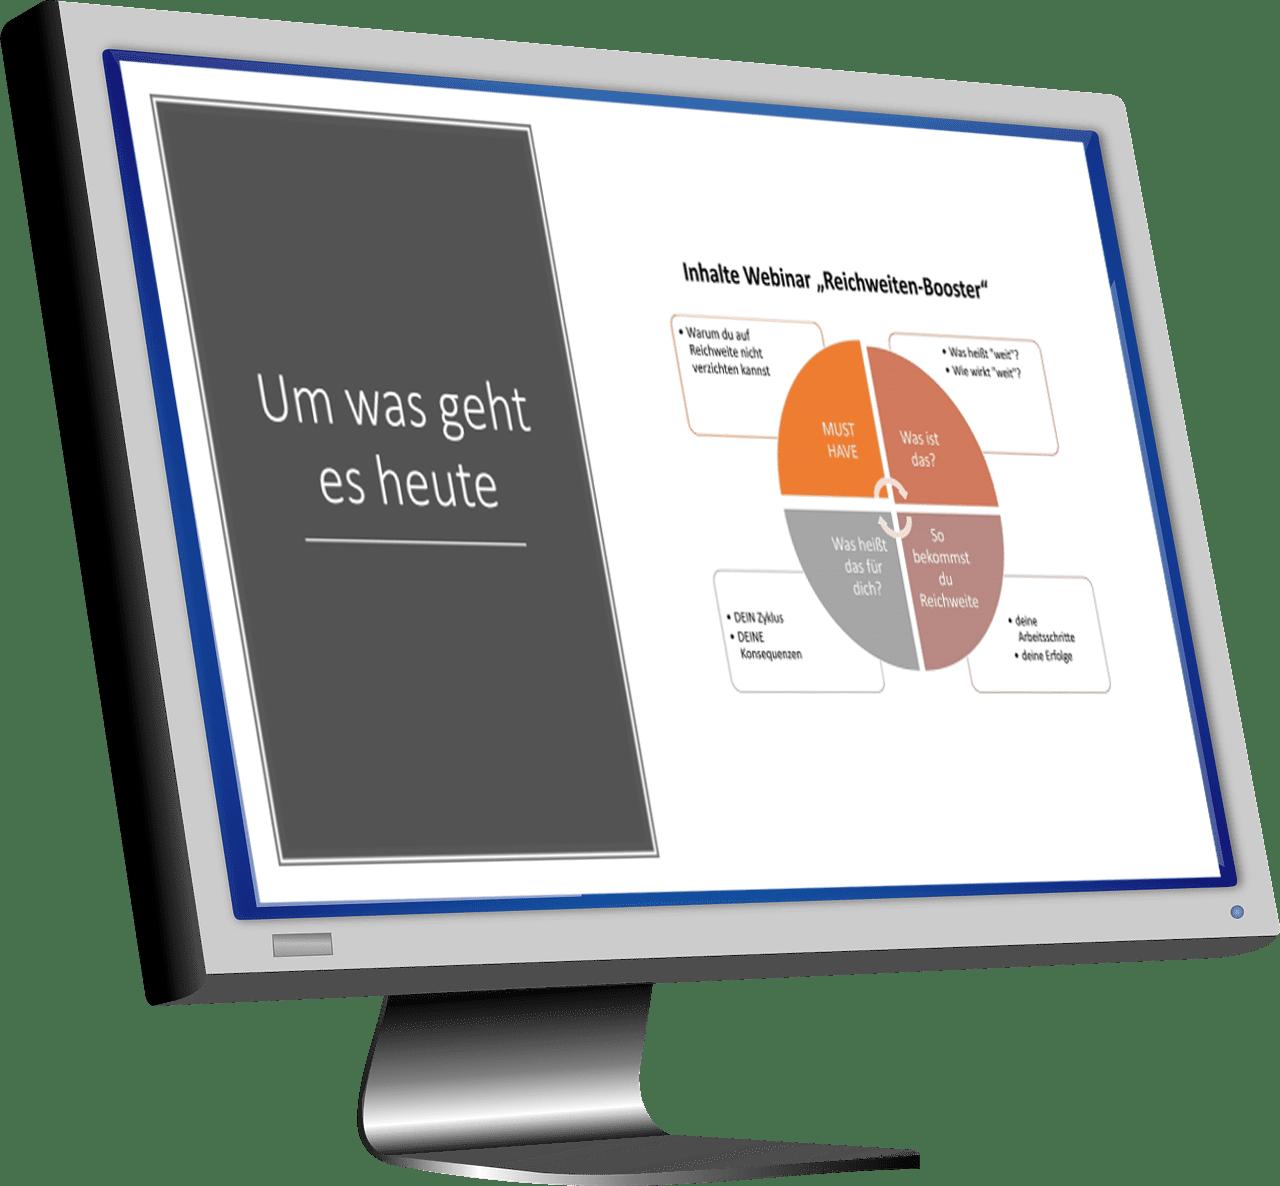 Webinar Reichweiten-Booster